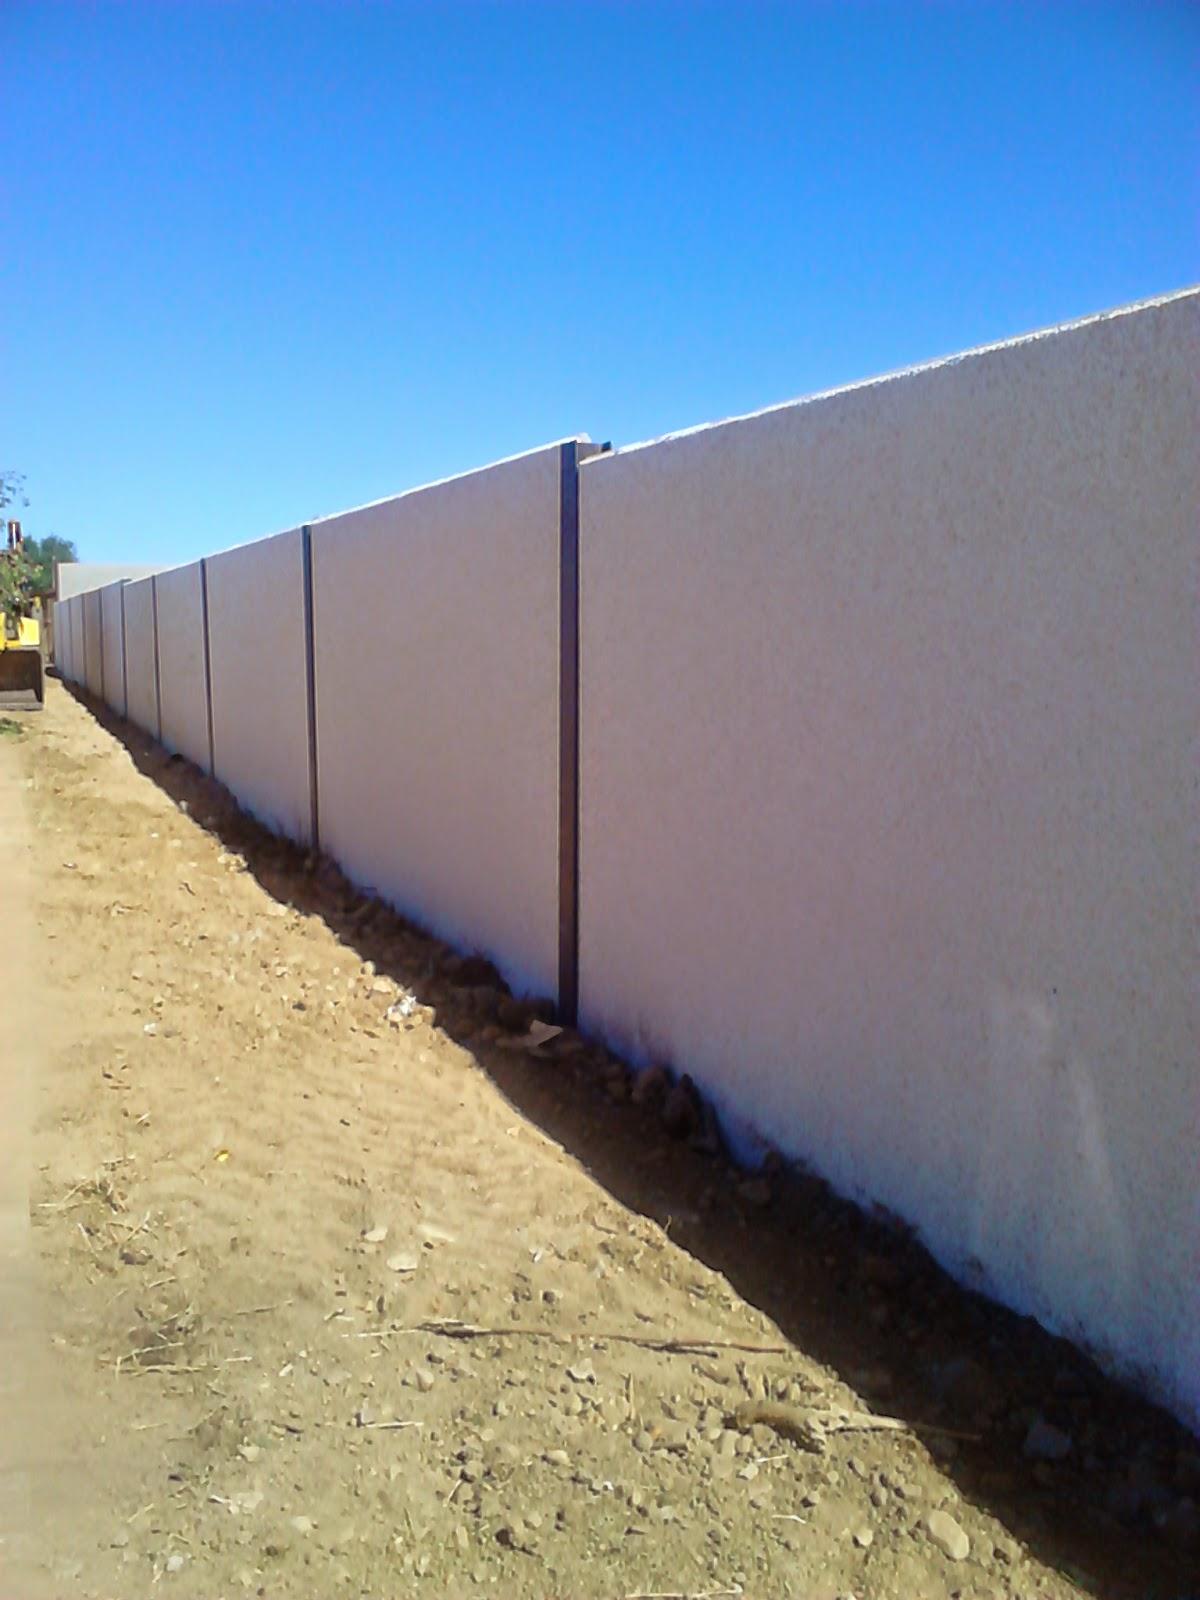 Muros medianeros presupuesto de muros medianeros muros medianeros de placas alveolares muros - Muros de hormigon ...